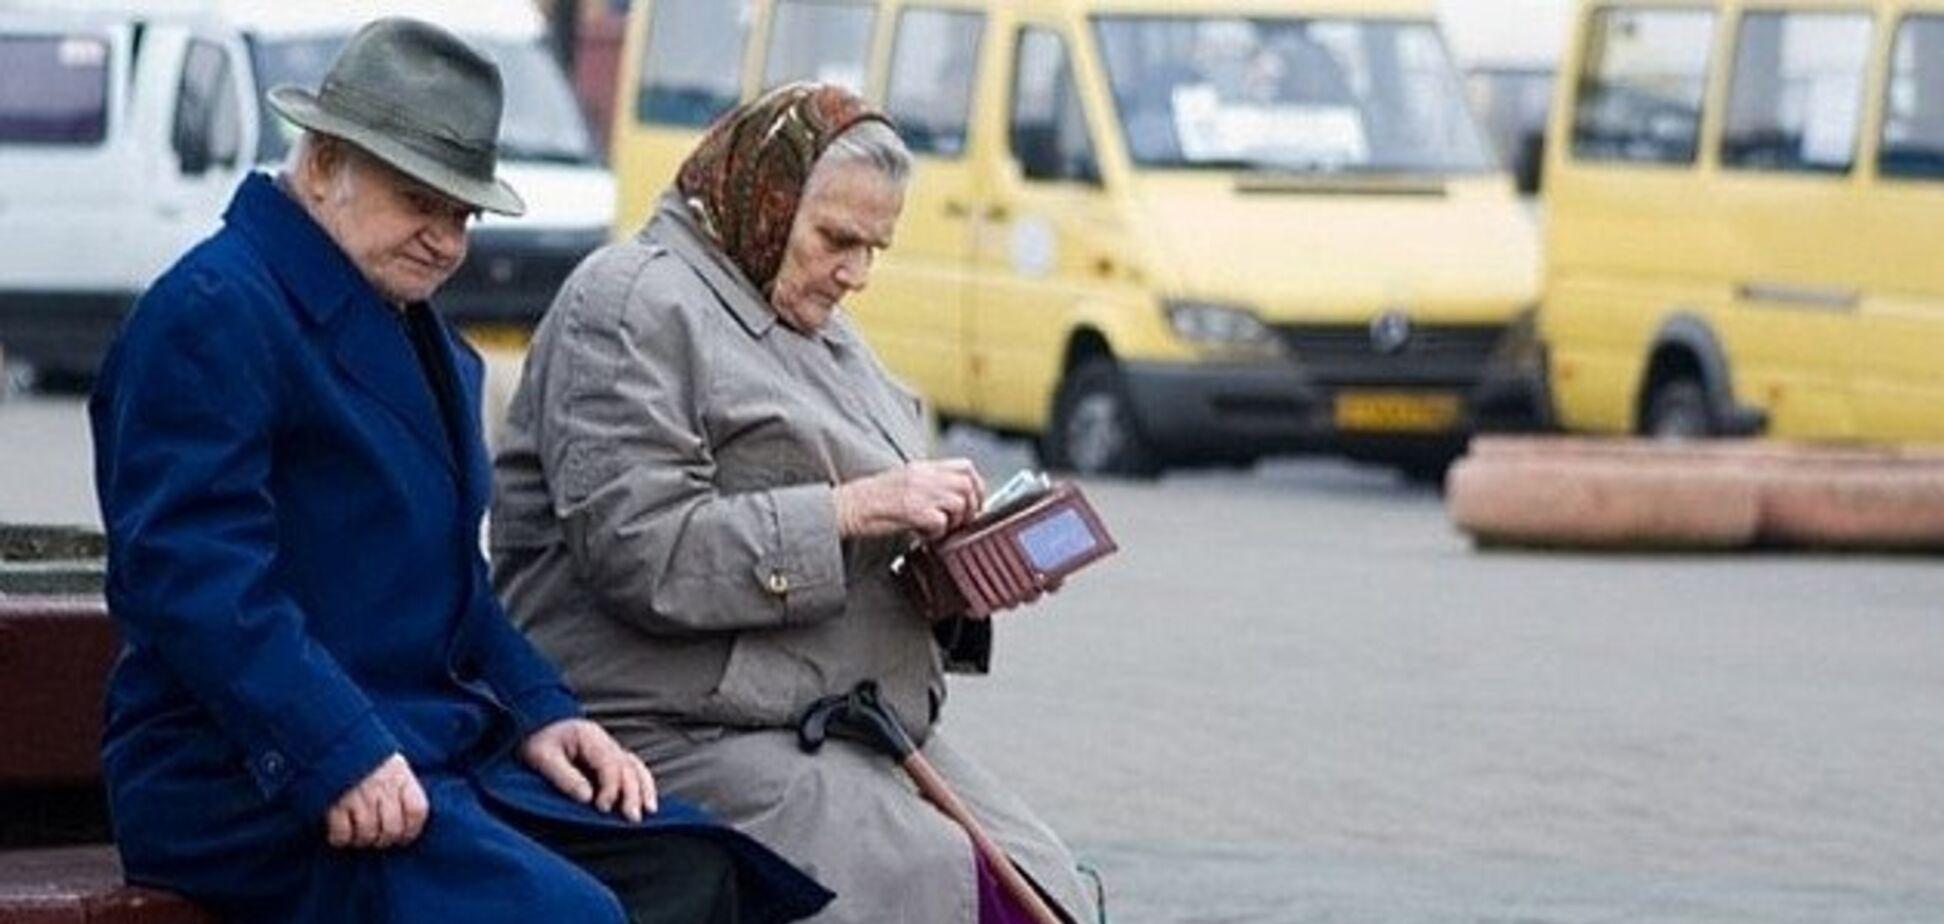 Доедаю, донашиваю, доживаю: как стареют в Украине